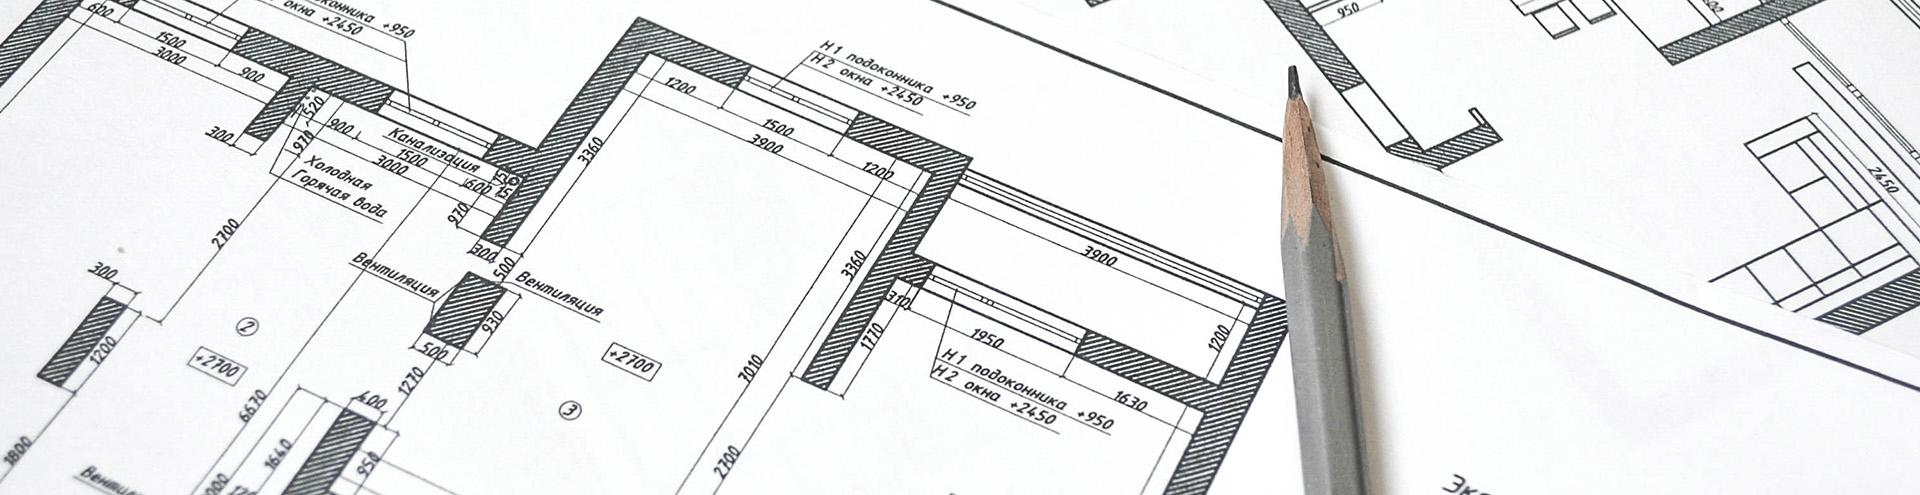 согласование перепланировки нежилого помещения в Оренбурге